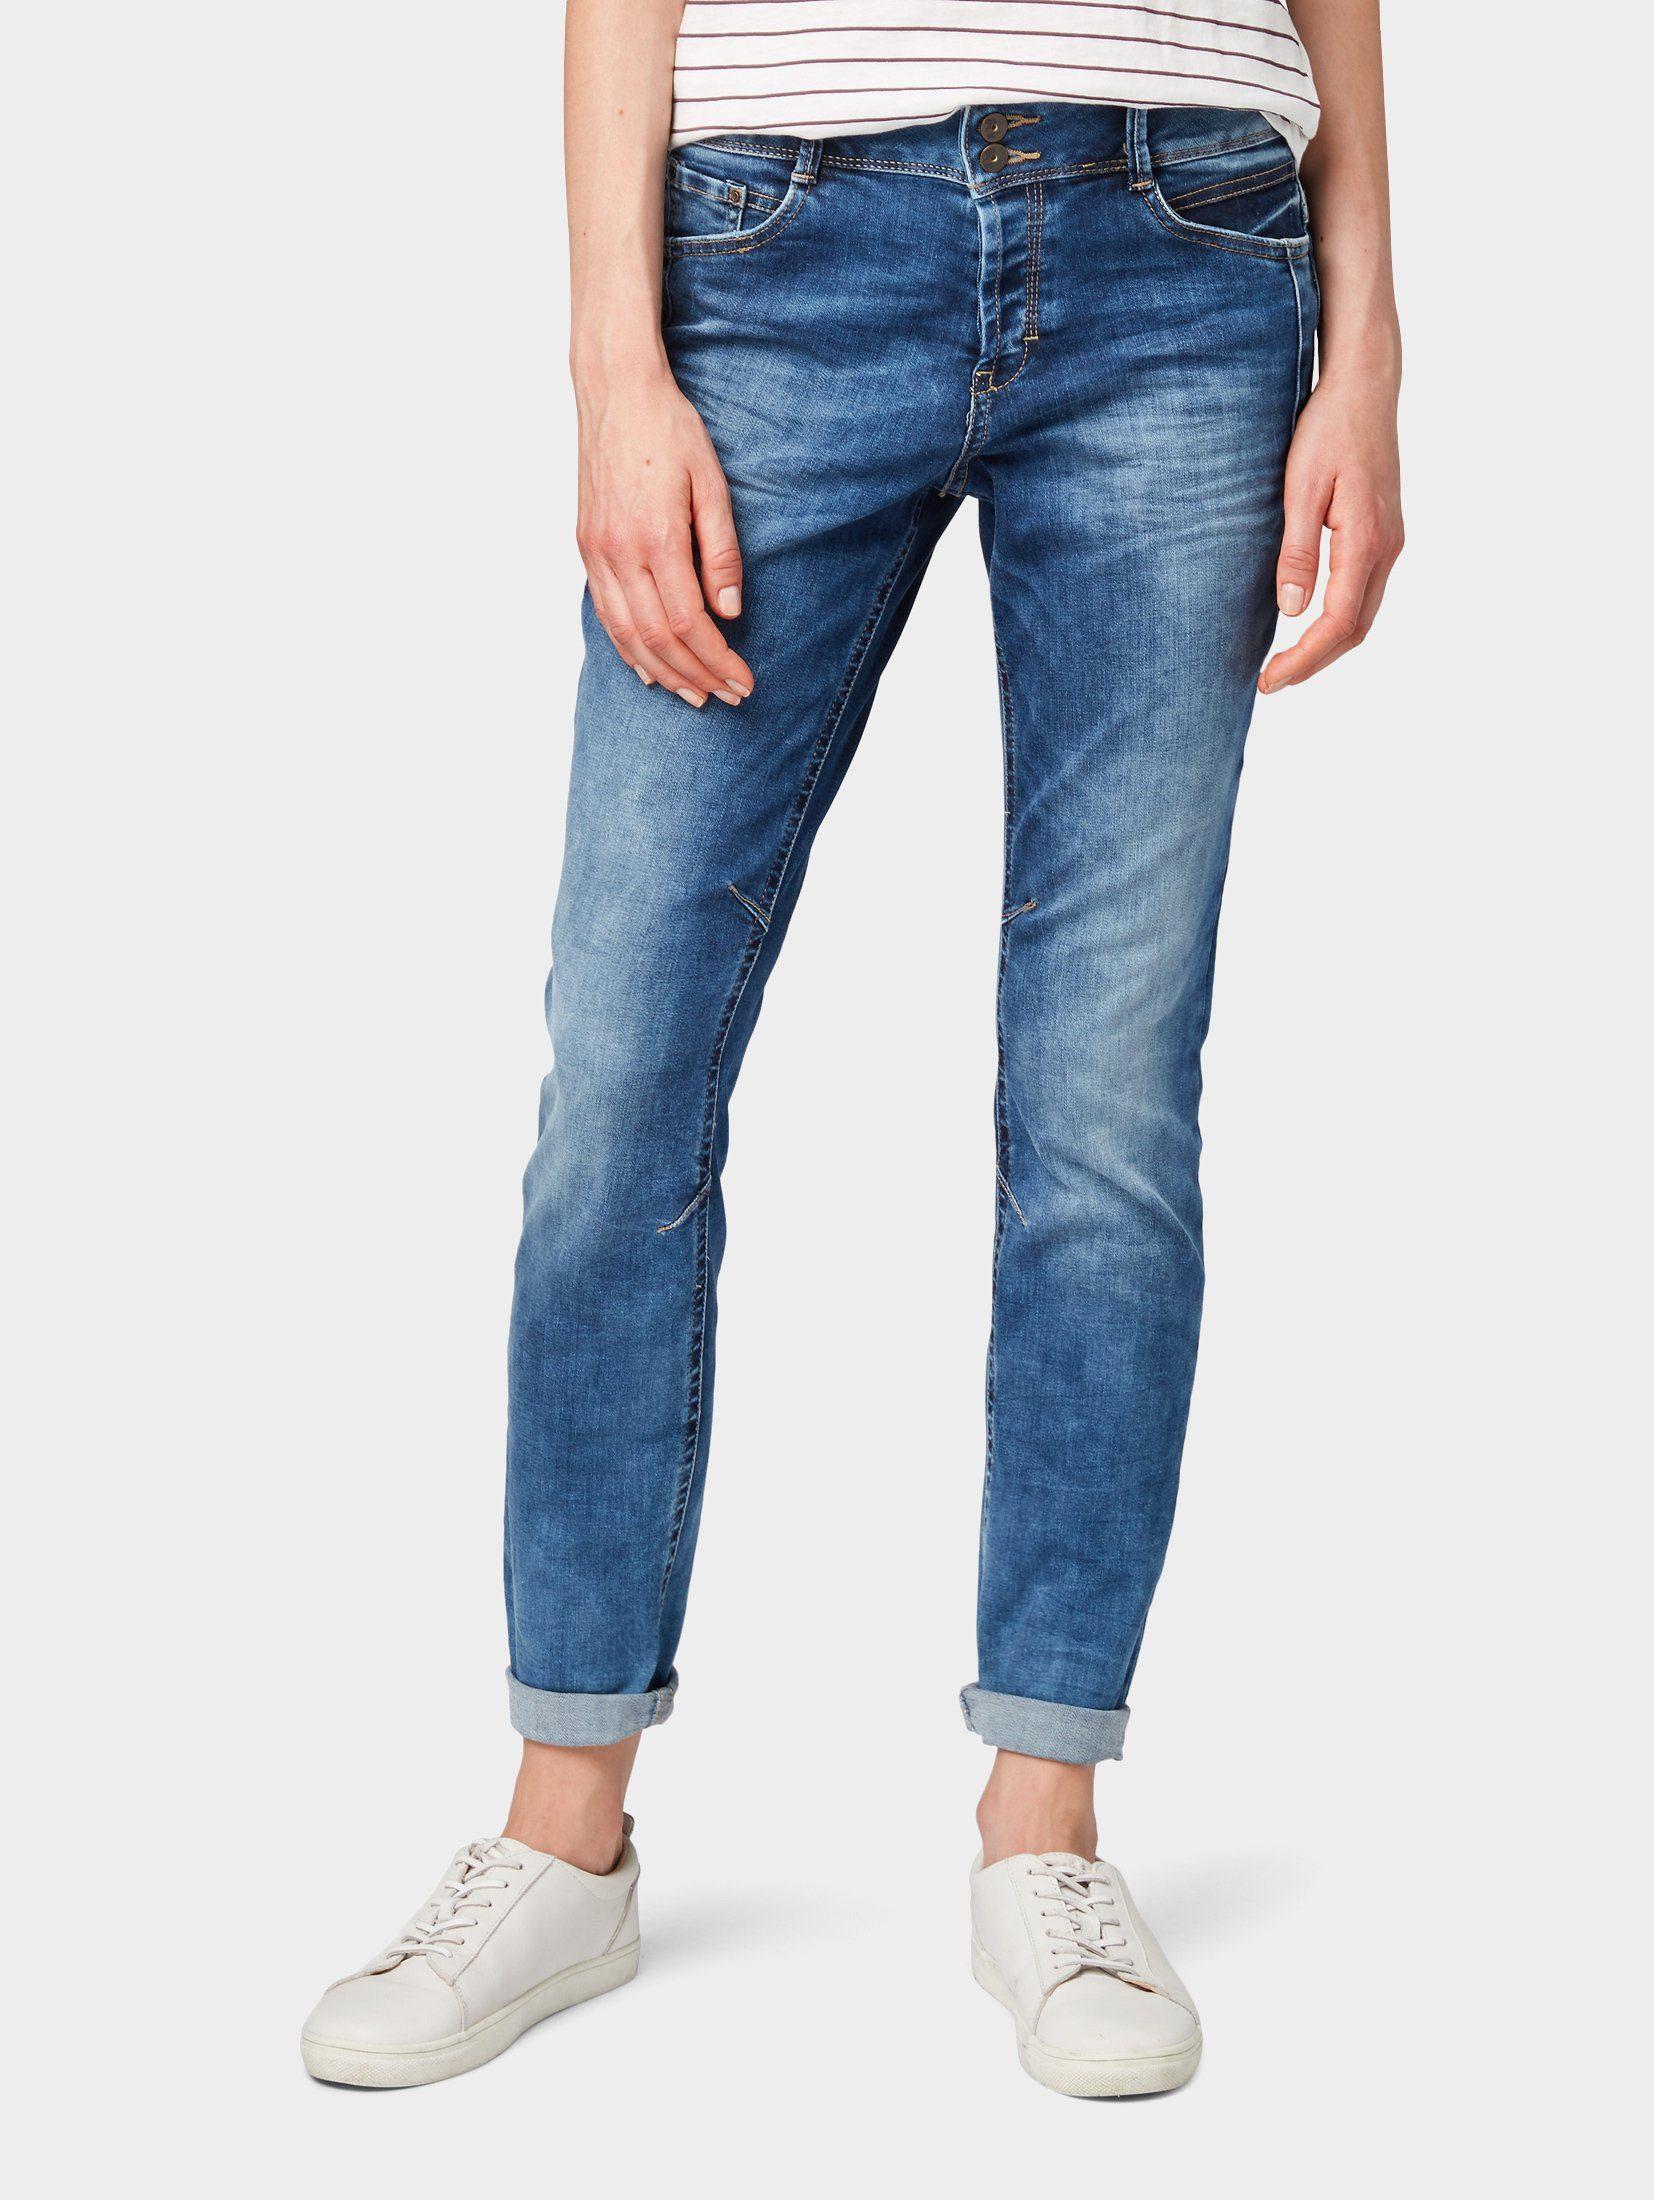 TOM TAILOR Denim 5-Pocket-Jeans »Lynn Antifit Jeans«